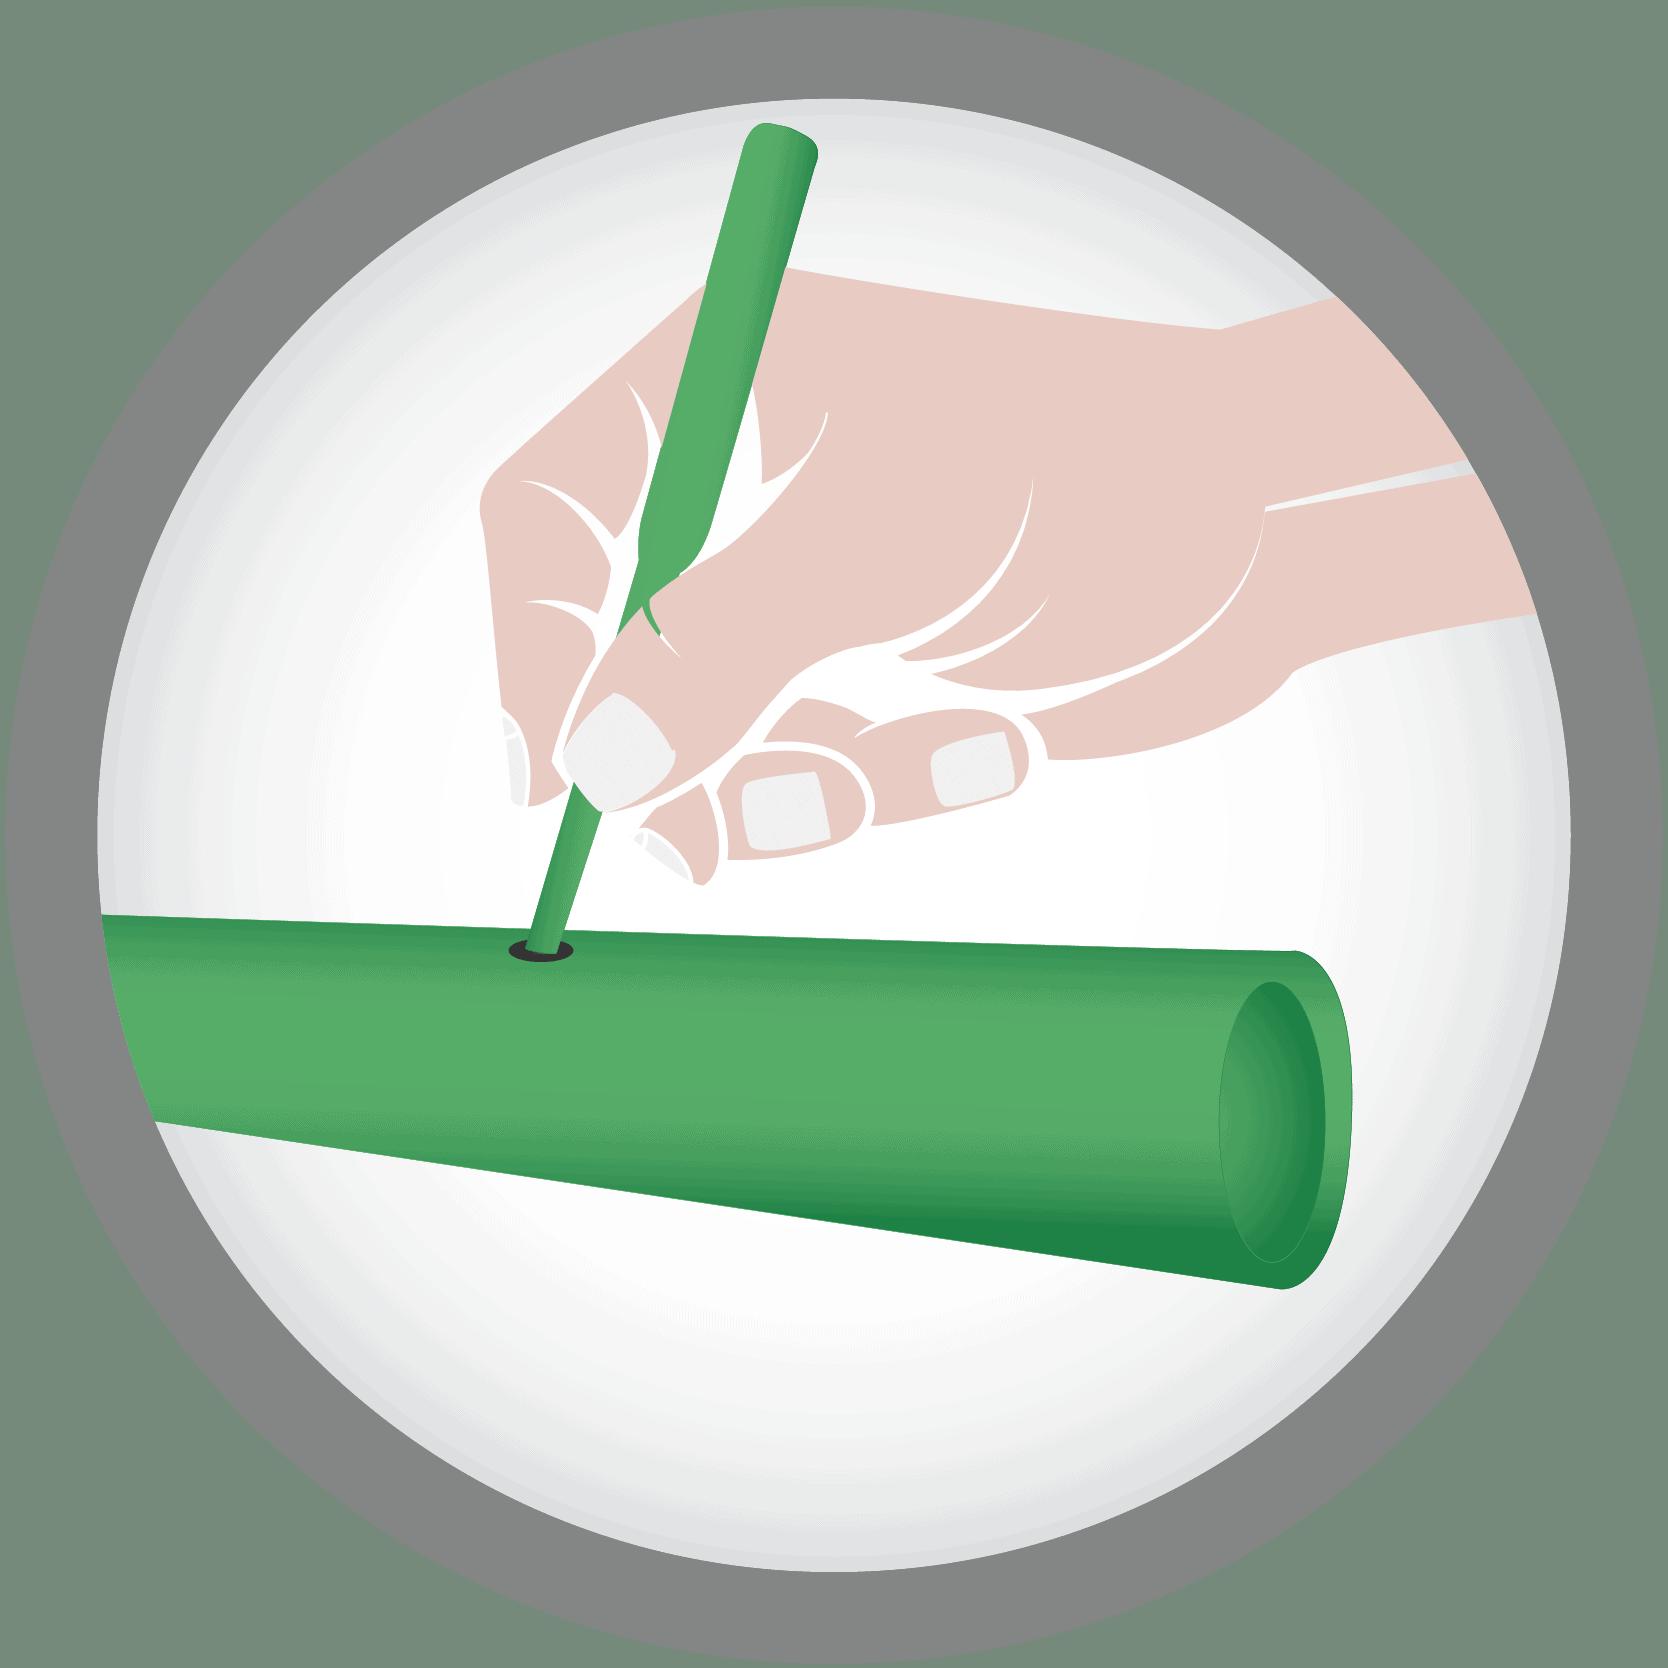 ซ่อมแซมได้ง่าย เมื่อโดนสว่าน หรือตะปูเจาะ